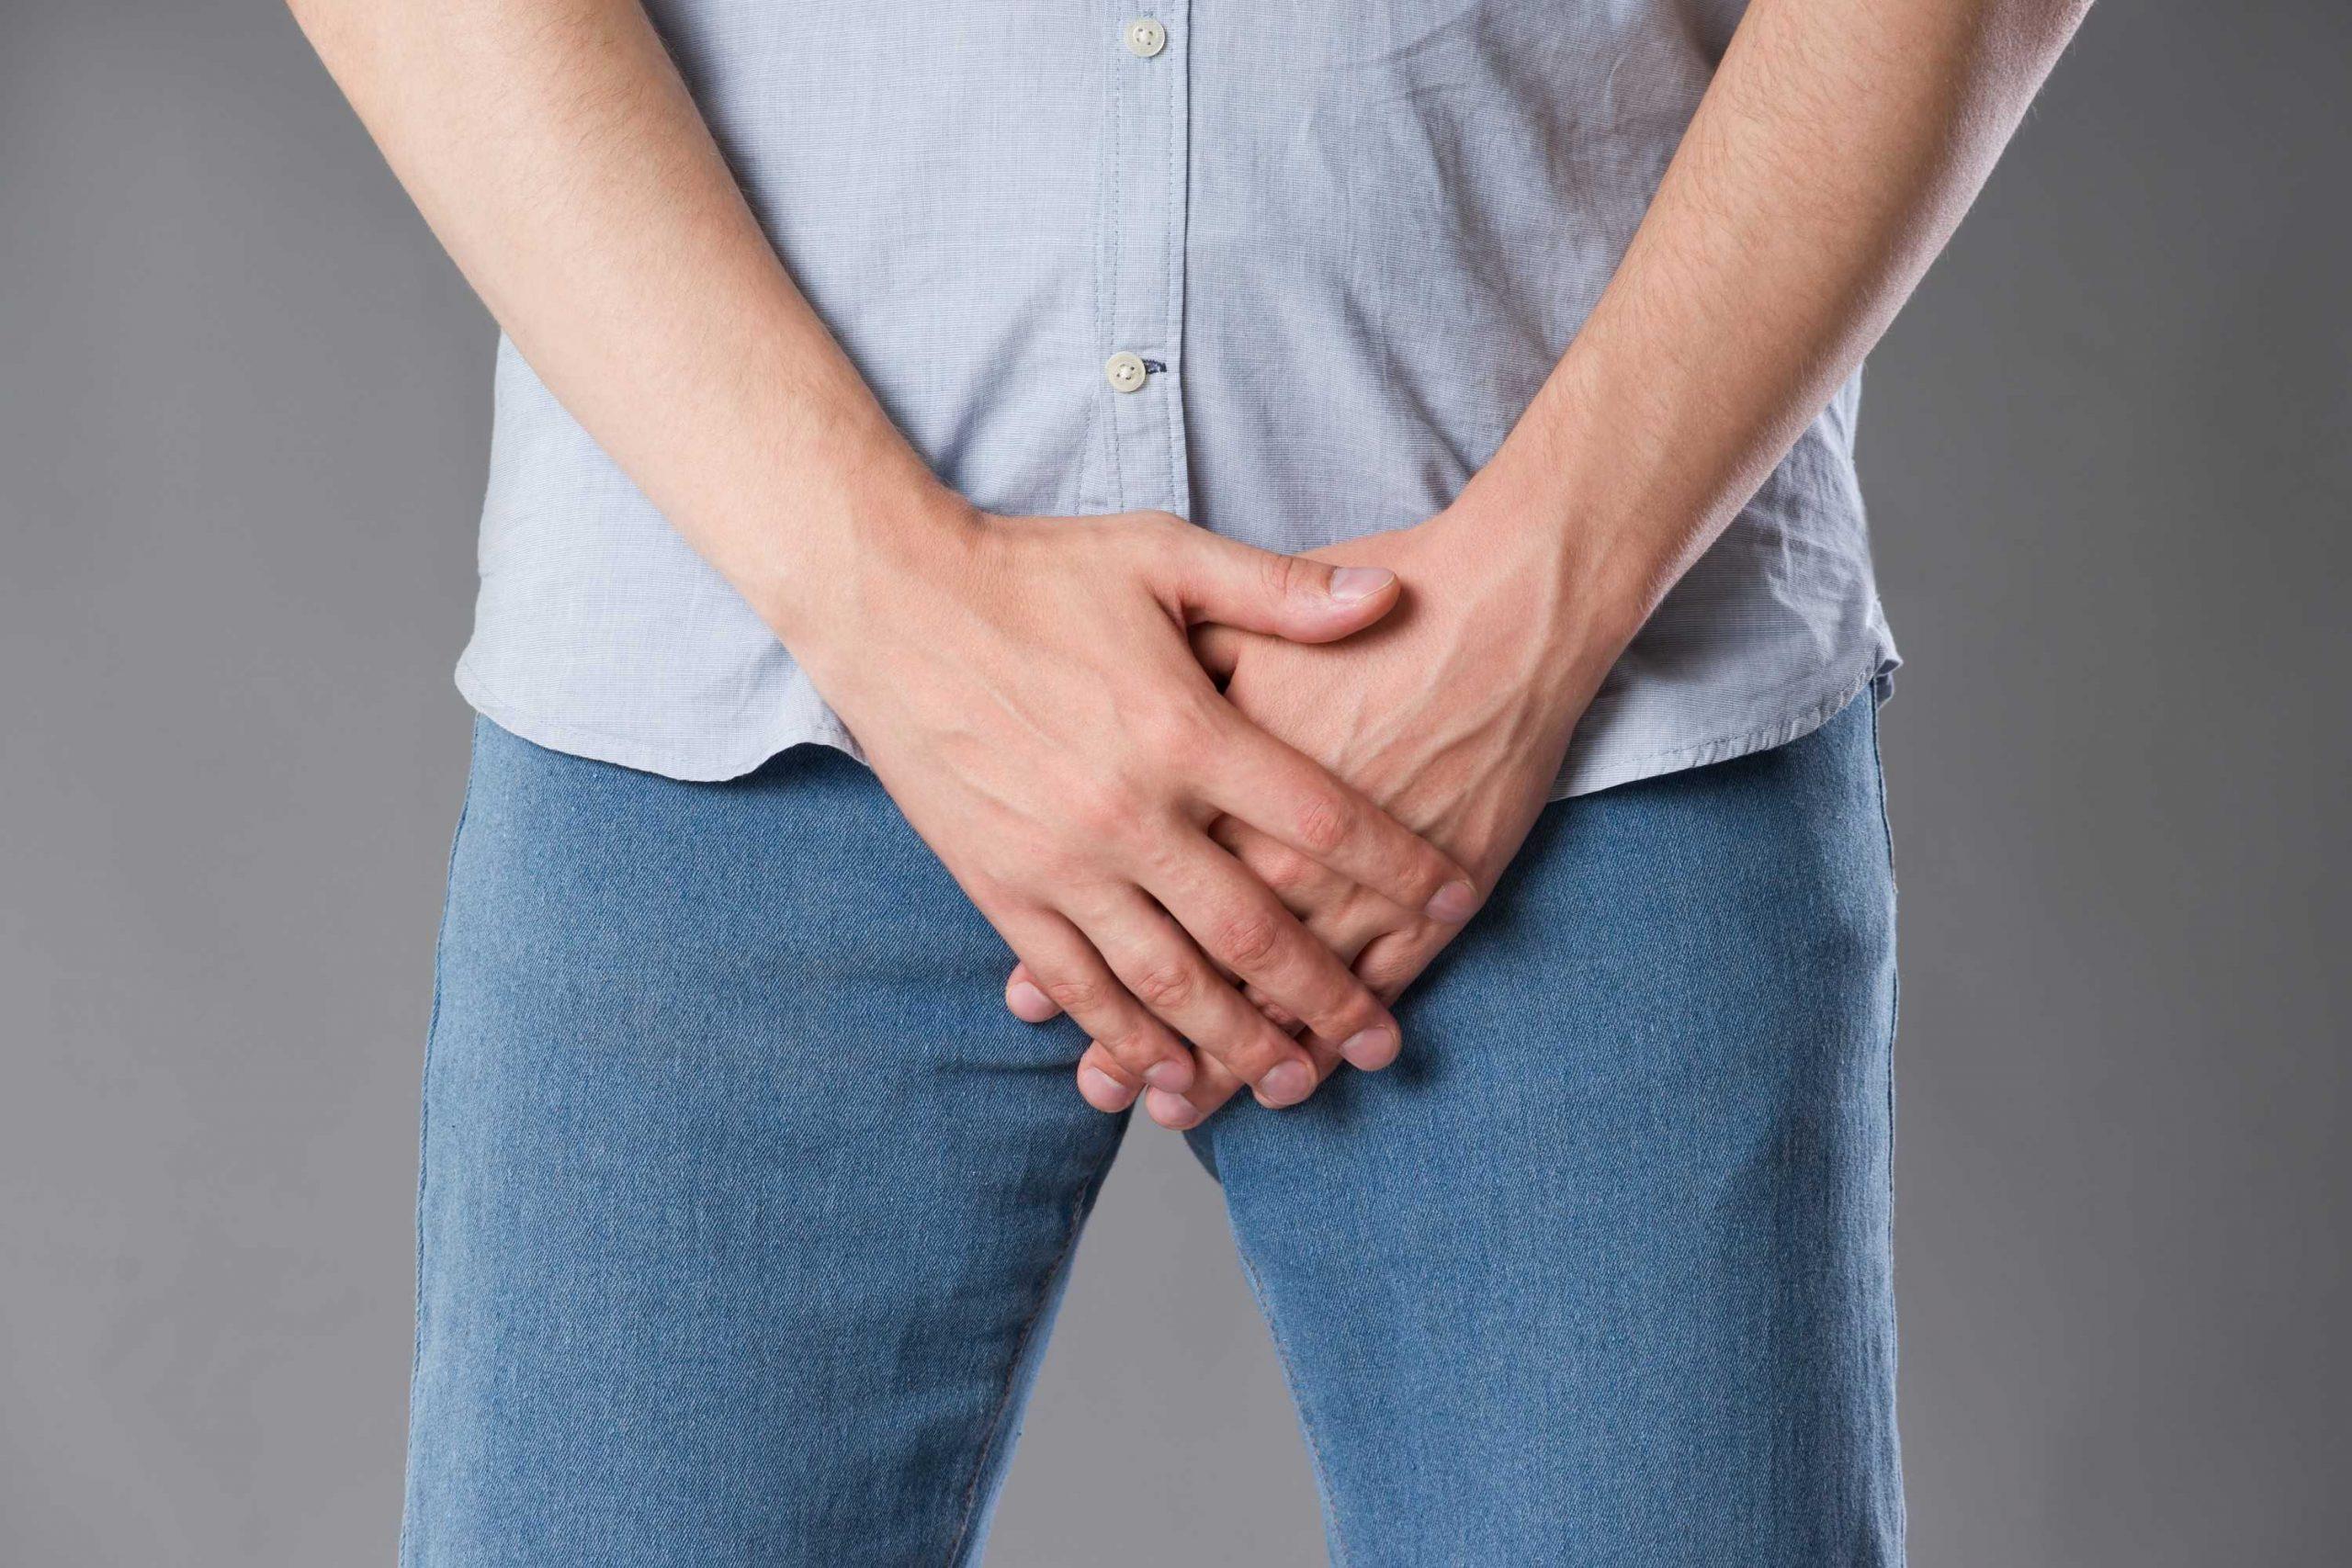 Fluxo urinário fraco: como diagnosticar e tratar o paciente?